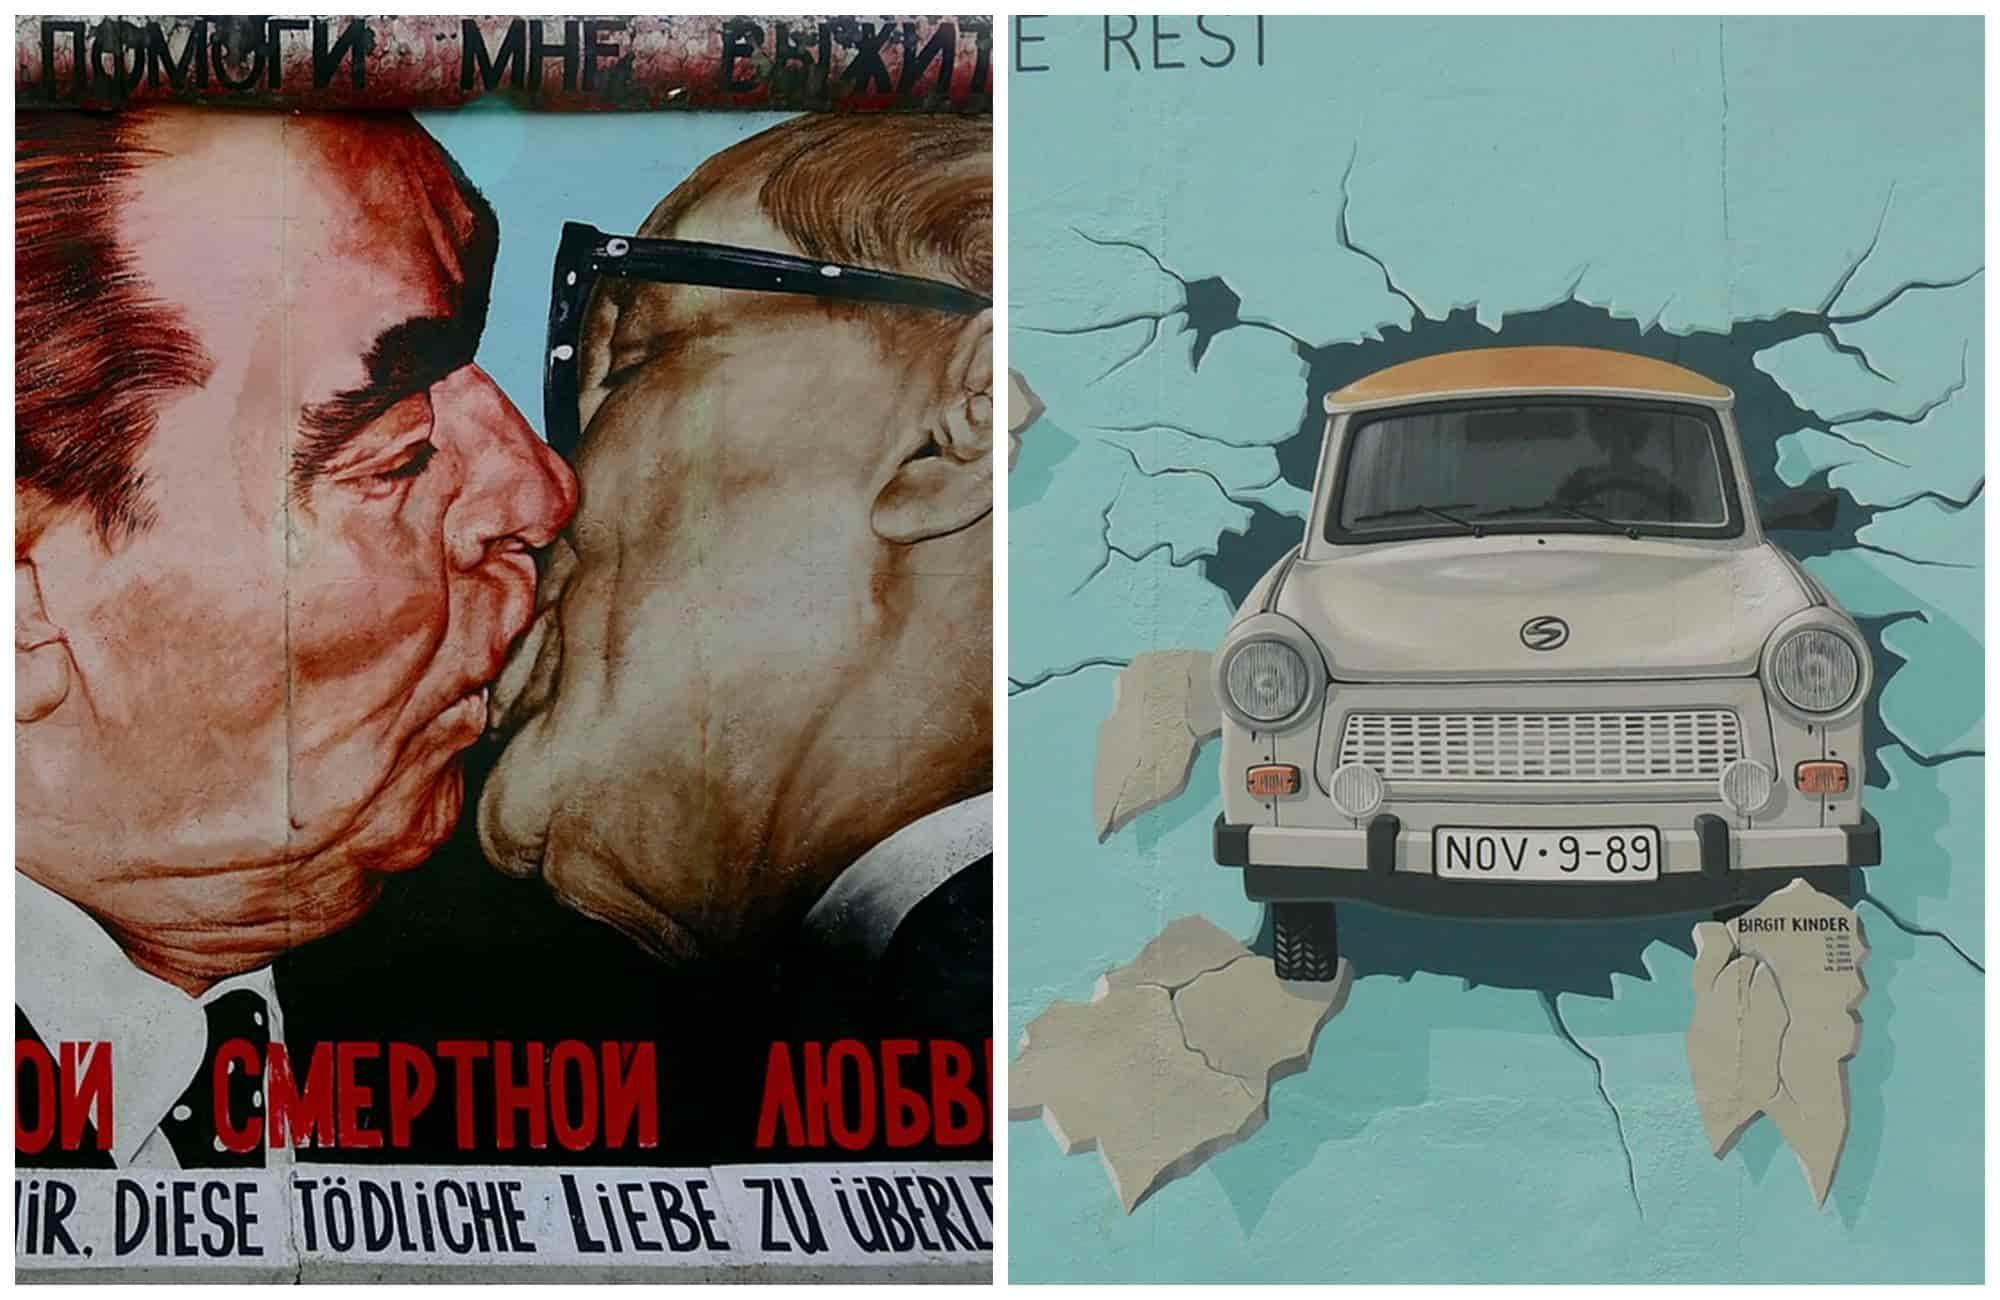 Voyage en Allemagne - Street art East Side Gallery - Amplitudes